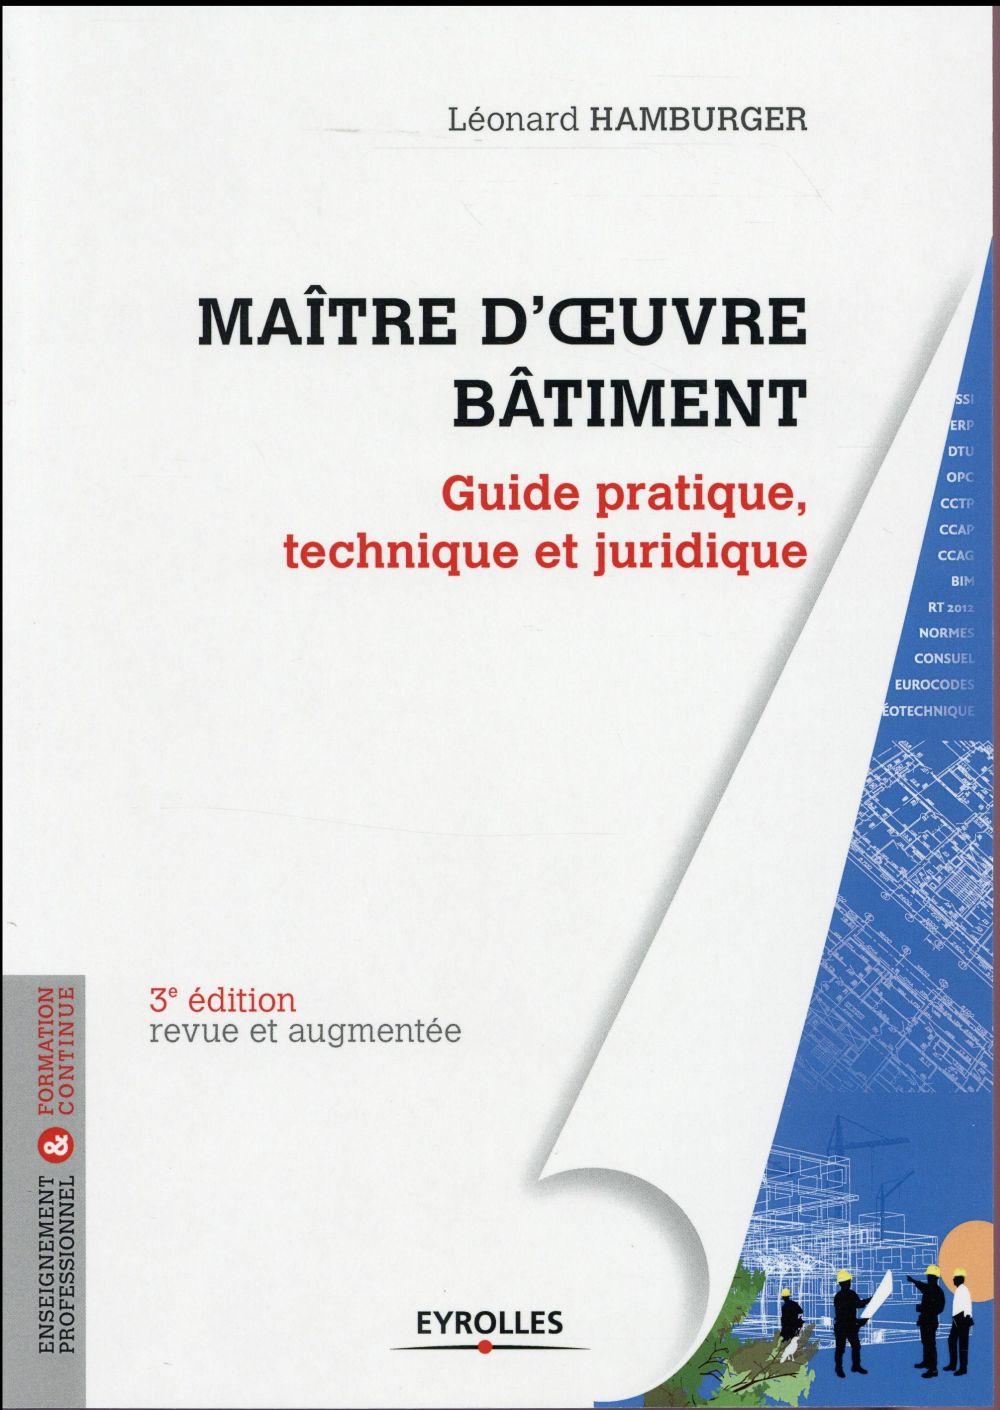 MAITRE D OEUVRE BATIMENT  GUIDE PRATIQUE TECHNIQUE ET JURIDIQUE